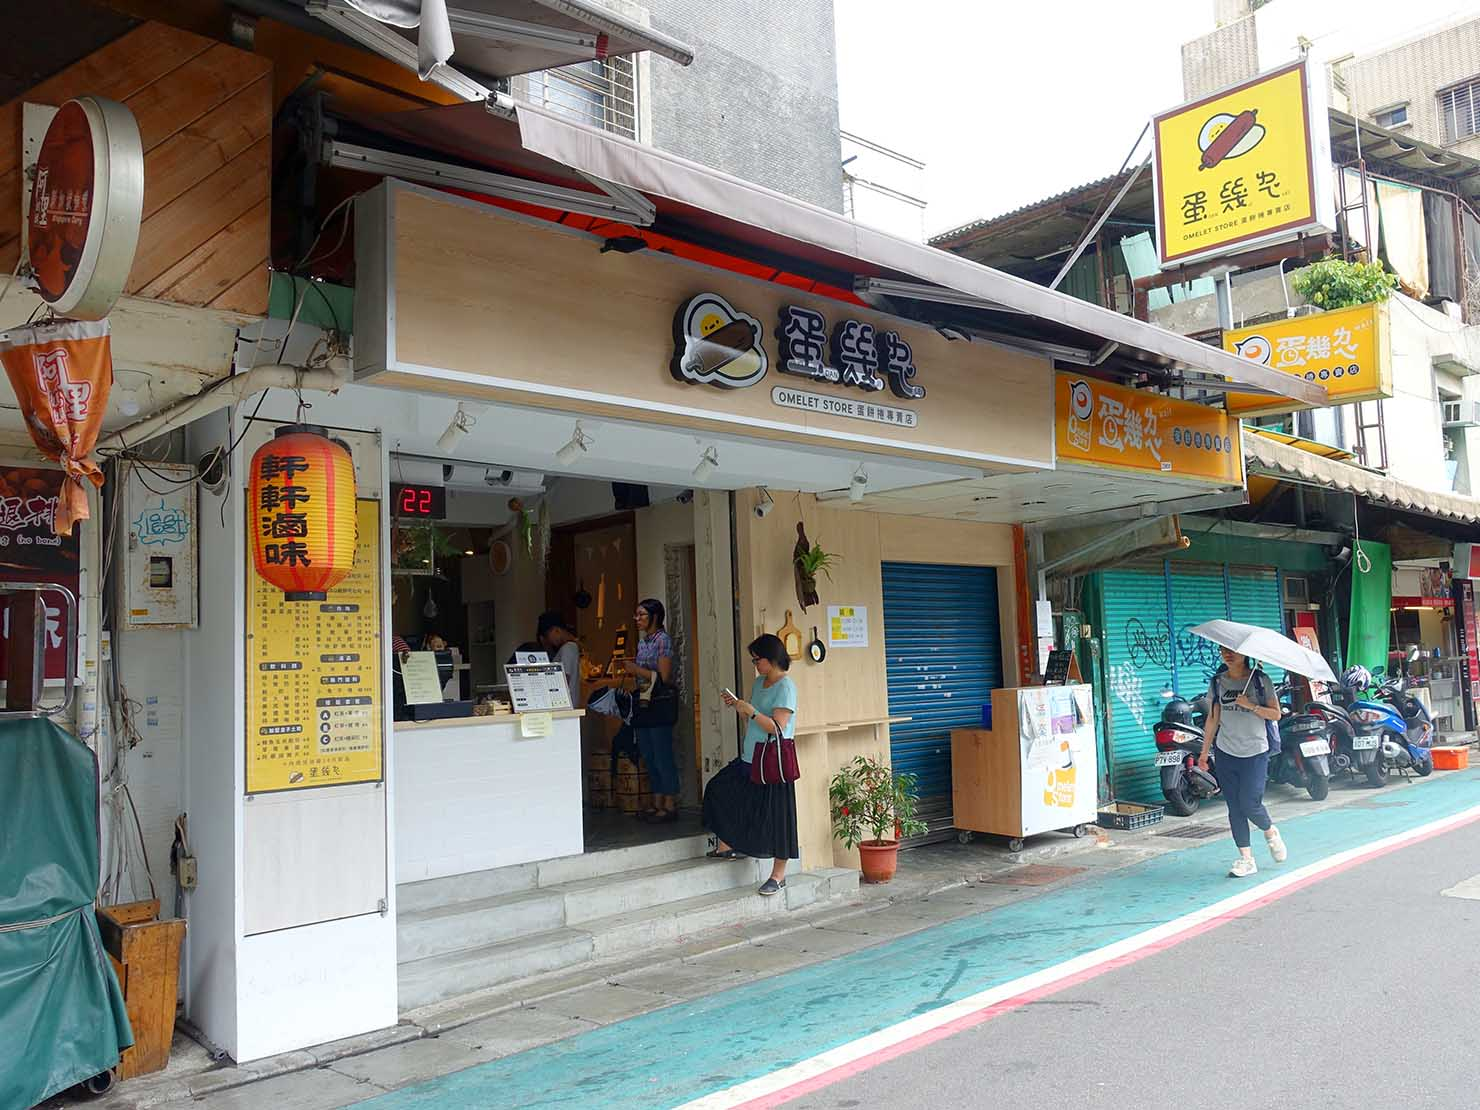 台北・師大夜市のおすすめ台湾グルメ店「蛋幾ㄌㄟˇ」の外観